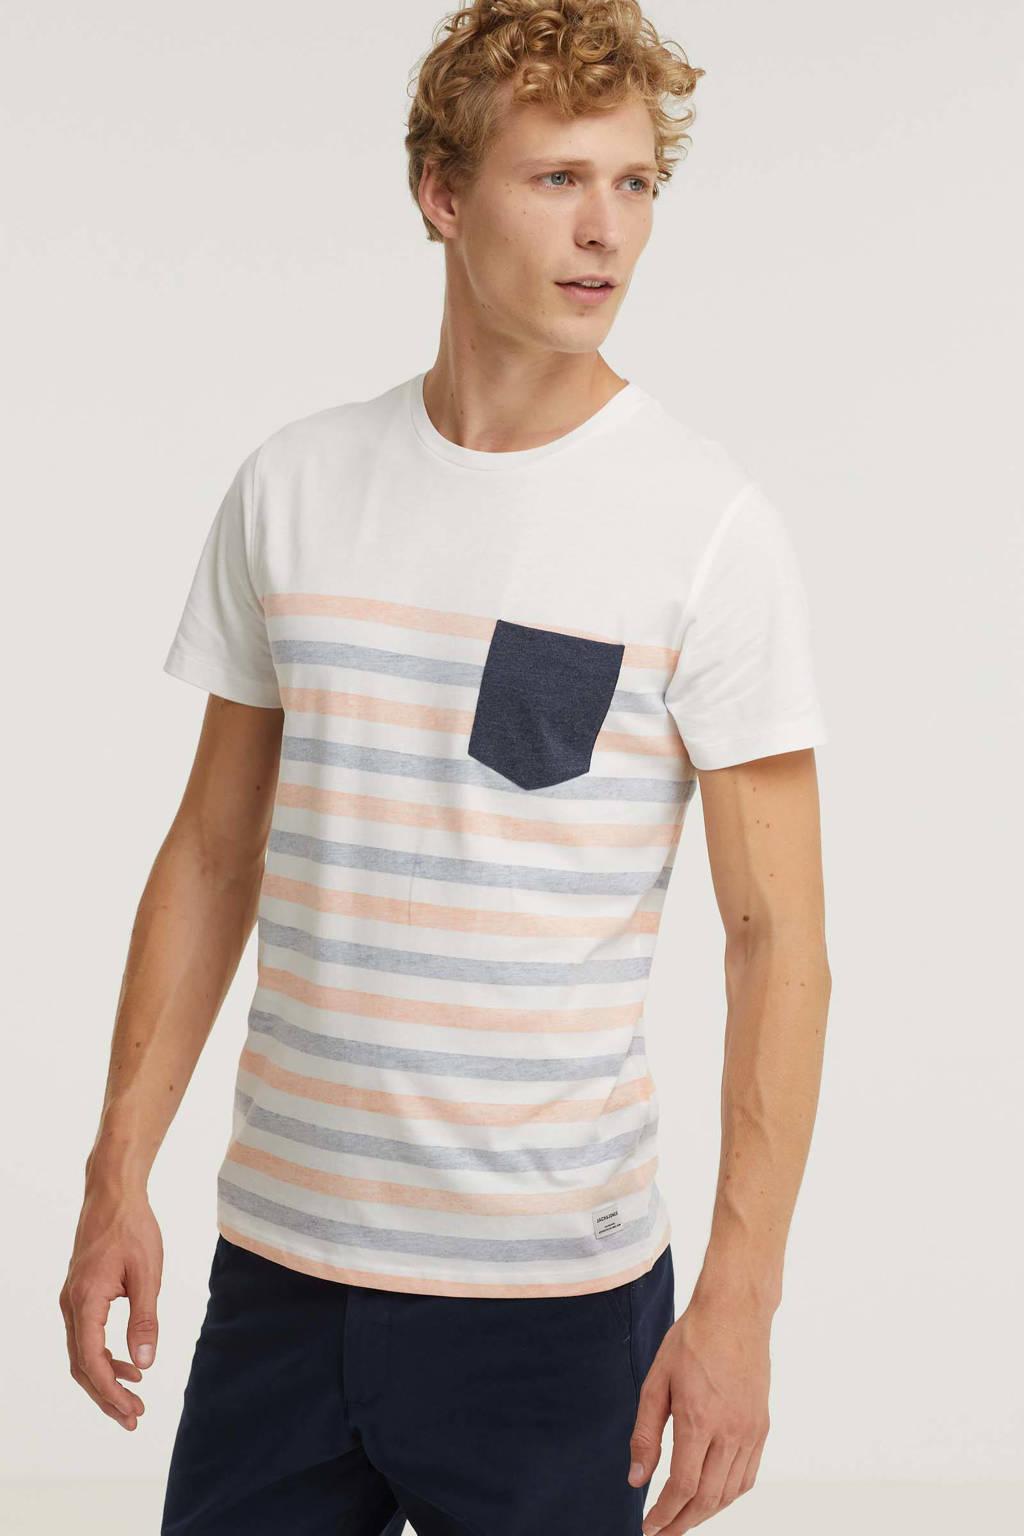 JACK & JONES ORIGINALS gestreept regular fit T-shirt JWHGMS koraal/wit/blauw, Koraal/wit/blauw